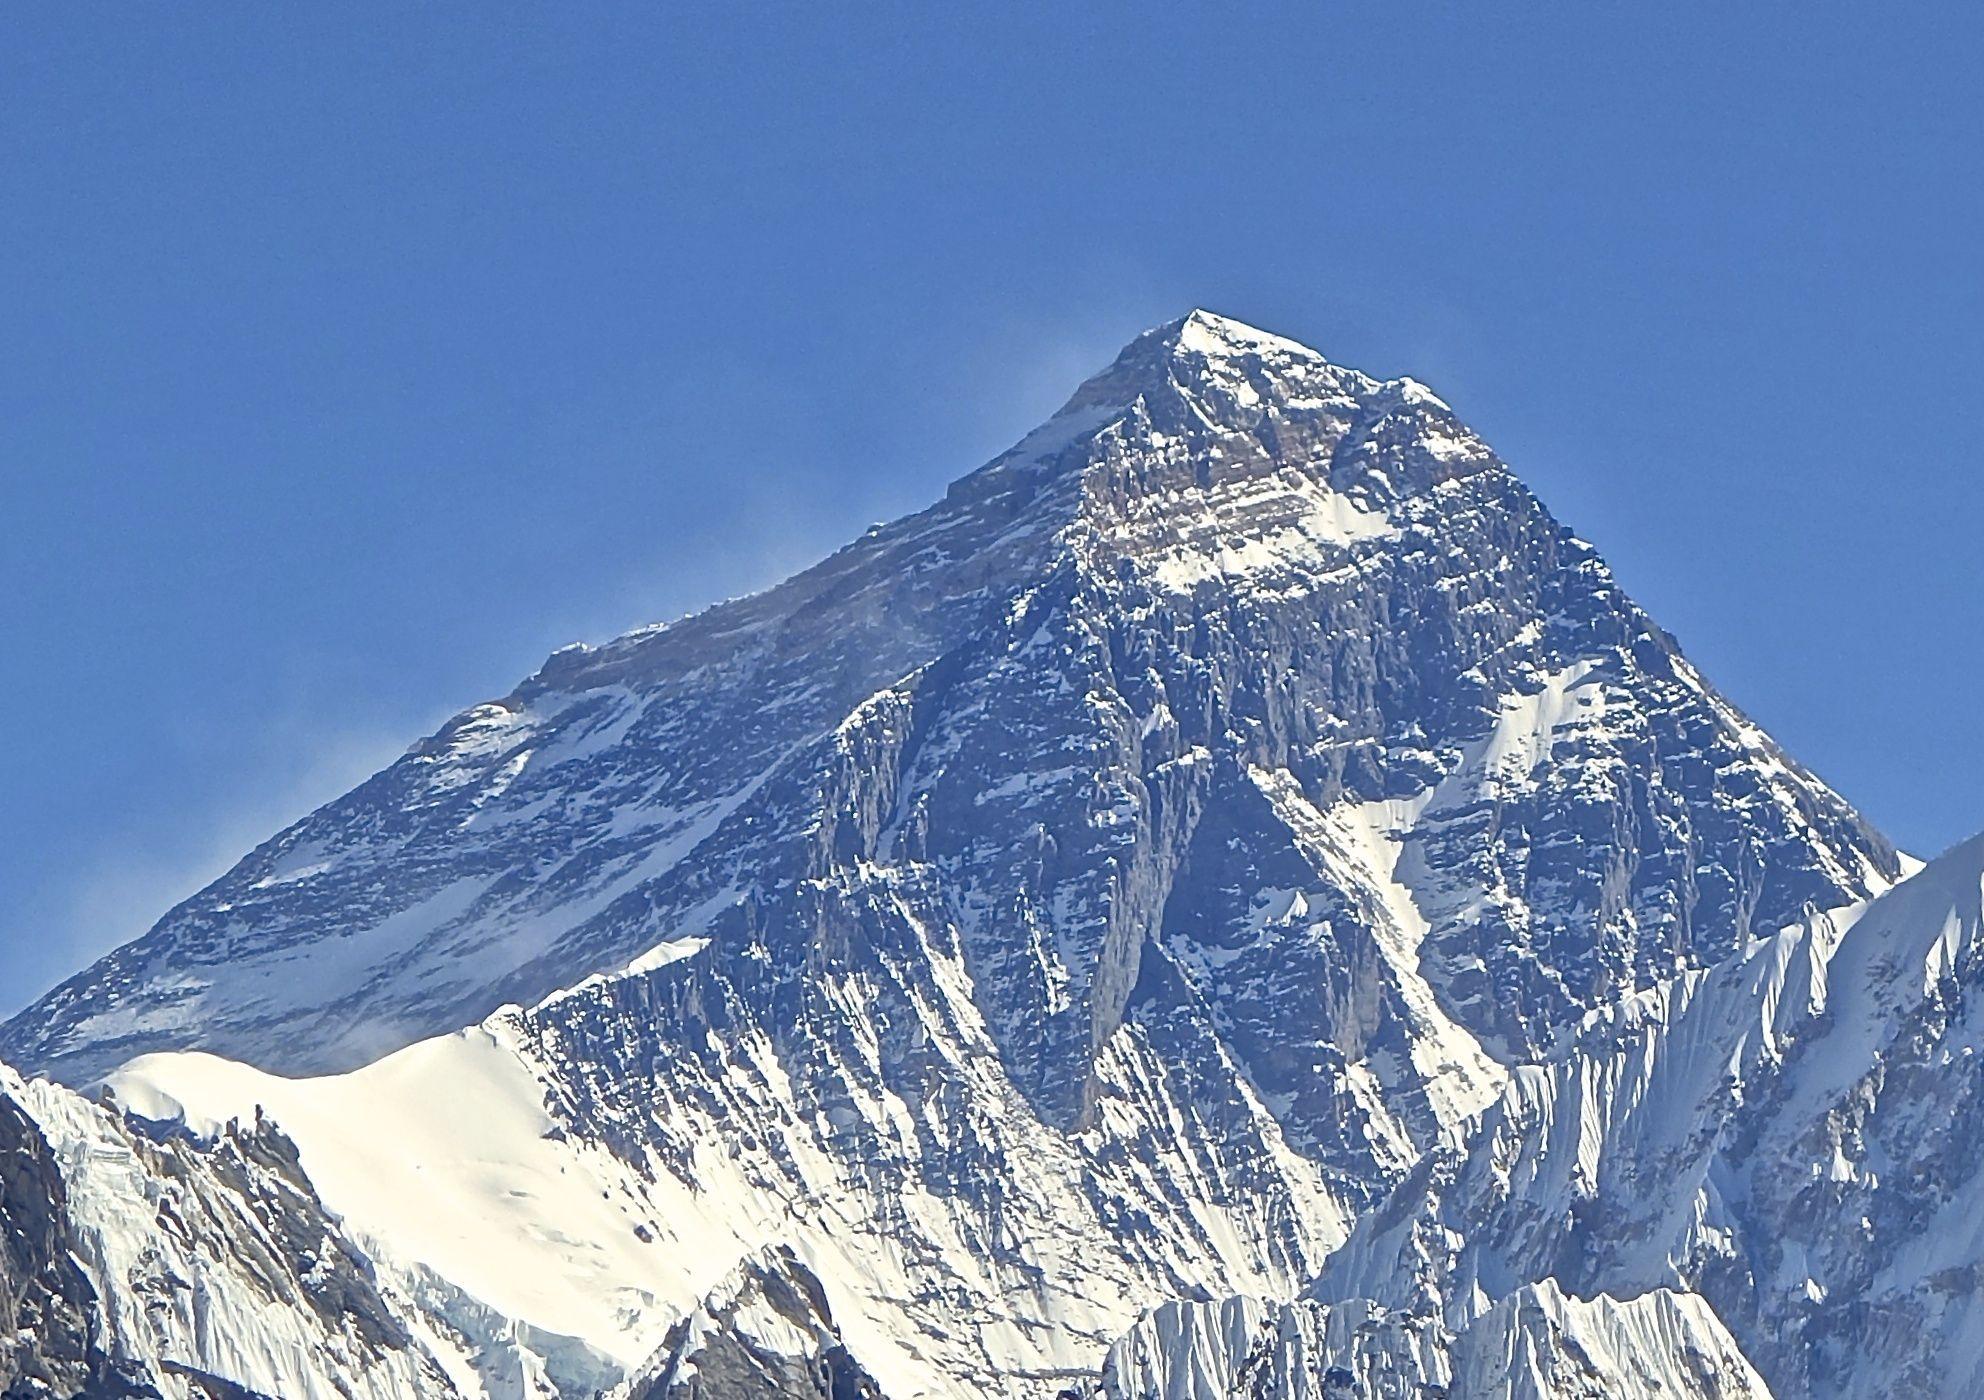 ¿Cuál es la mínima temperatura a que llega el Everest en invierno?